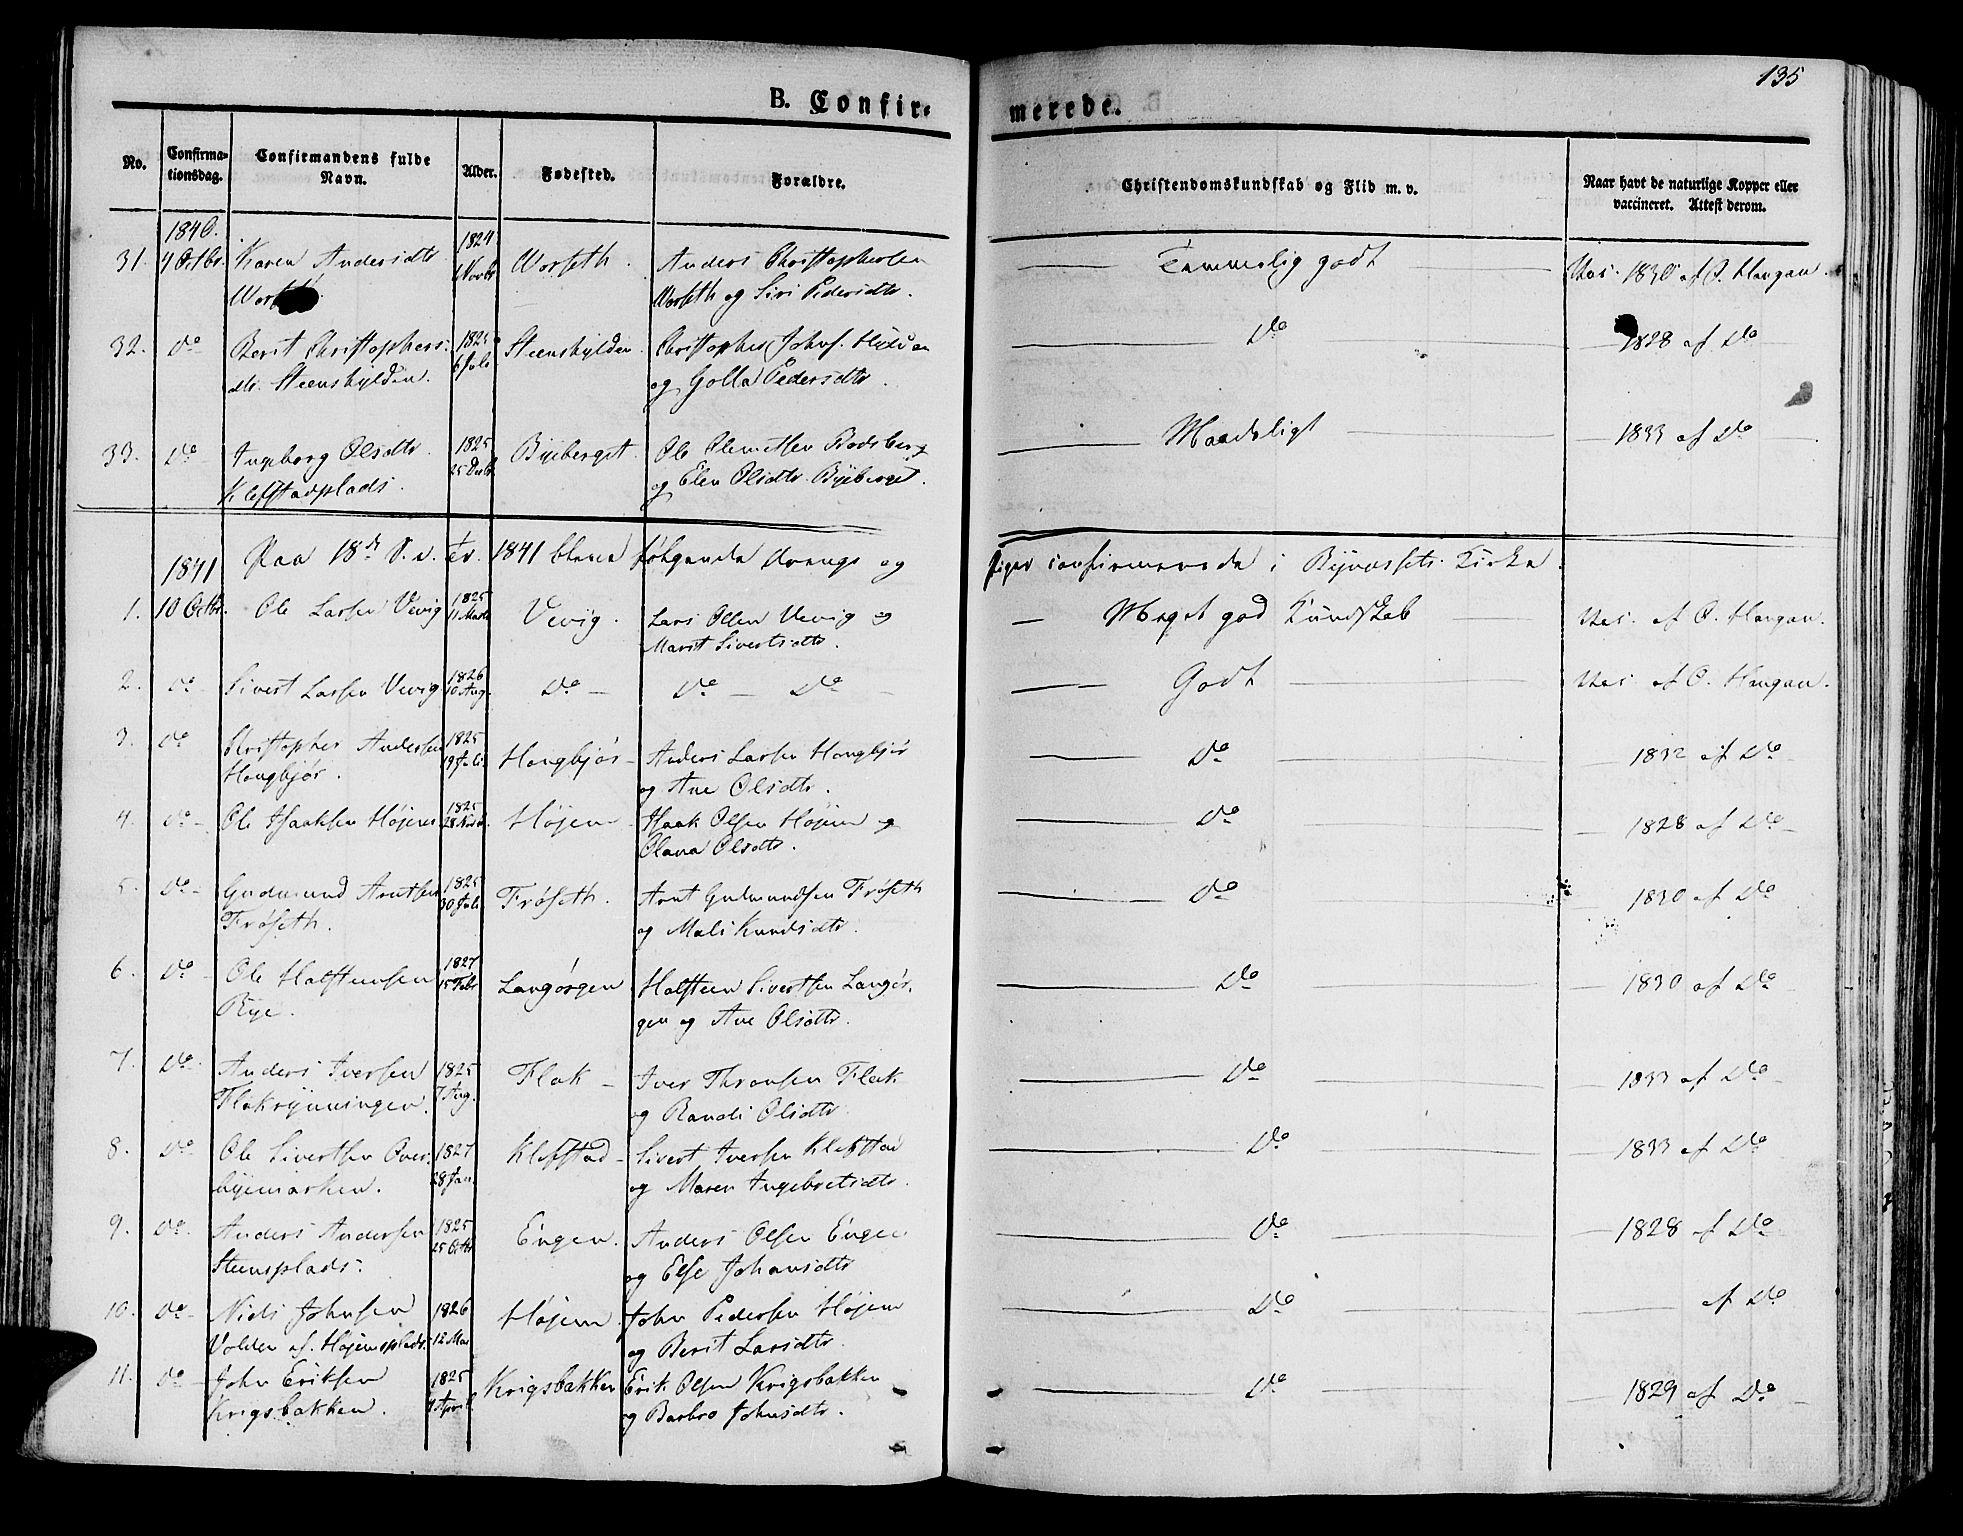 SAT, Ministerialprotokoller, klokkerbøker og fødselsregistre - Sør-Trøndelag, 612/L0374: Ministerialbok nr. 612A07 /1, 1829-1845, s. 135